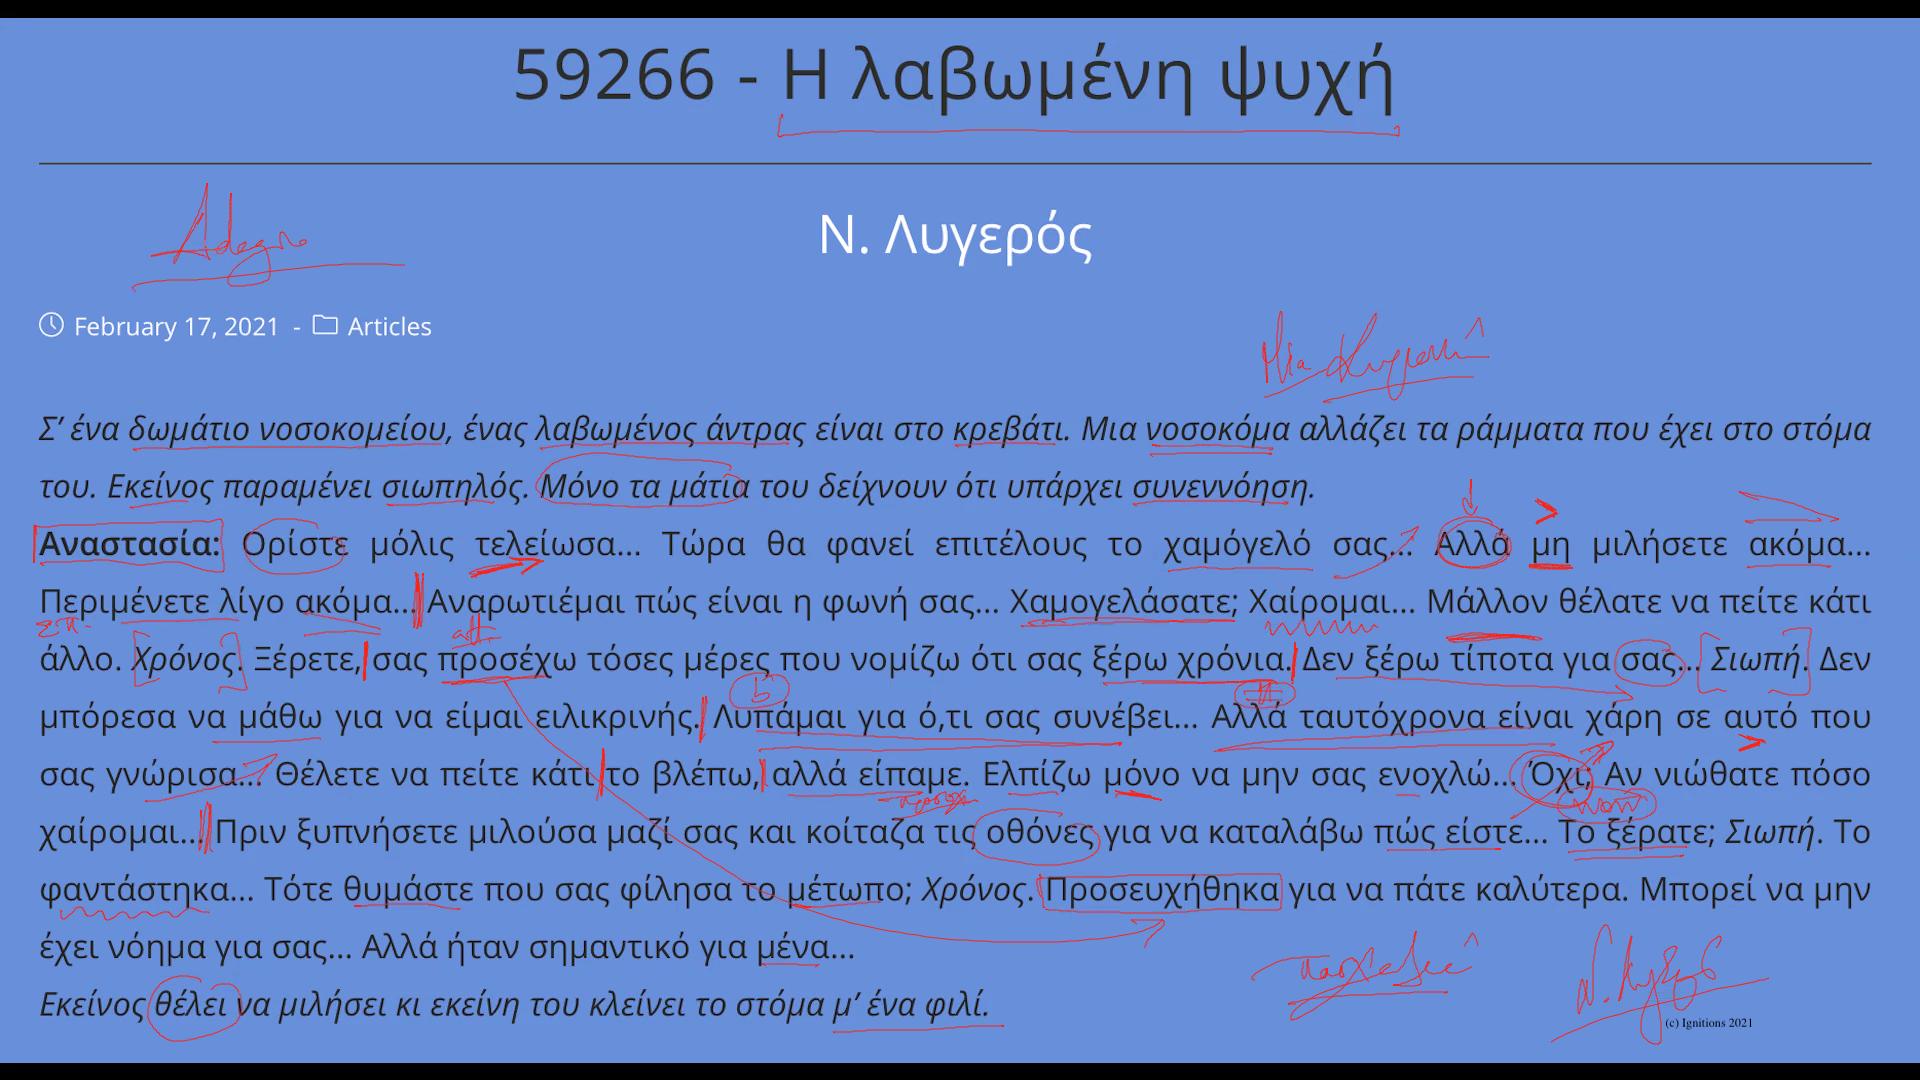 """59726 - e-Μάθημα: Υποκριτική του """"Η λαβωμένη ψυχή"""". (Dessin)"""